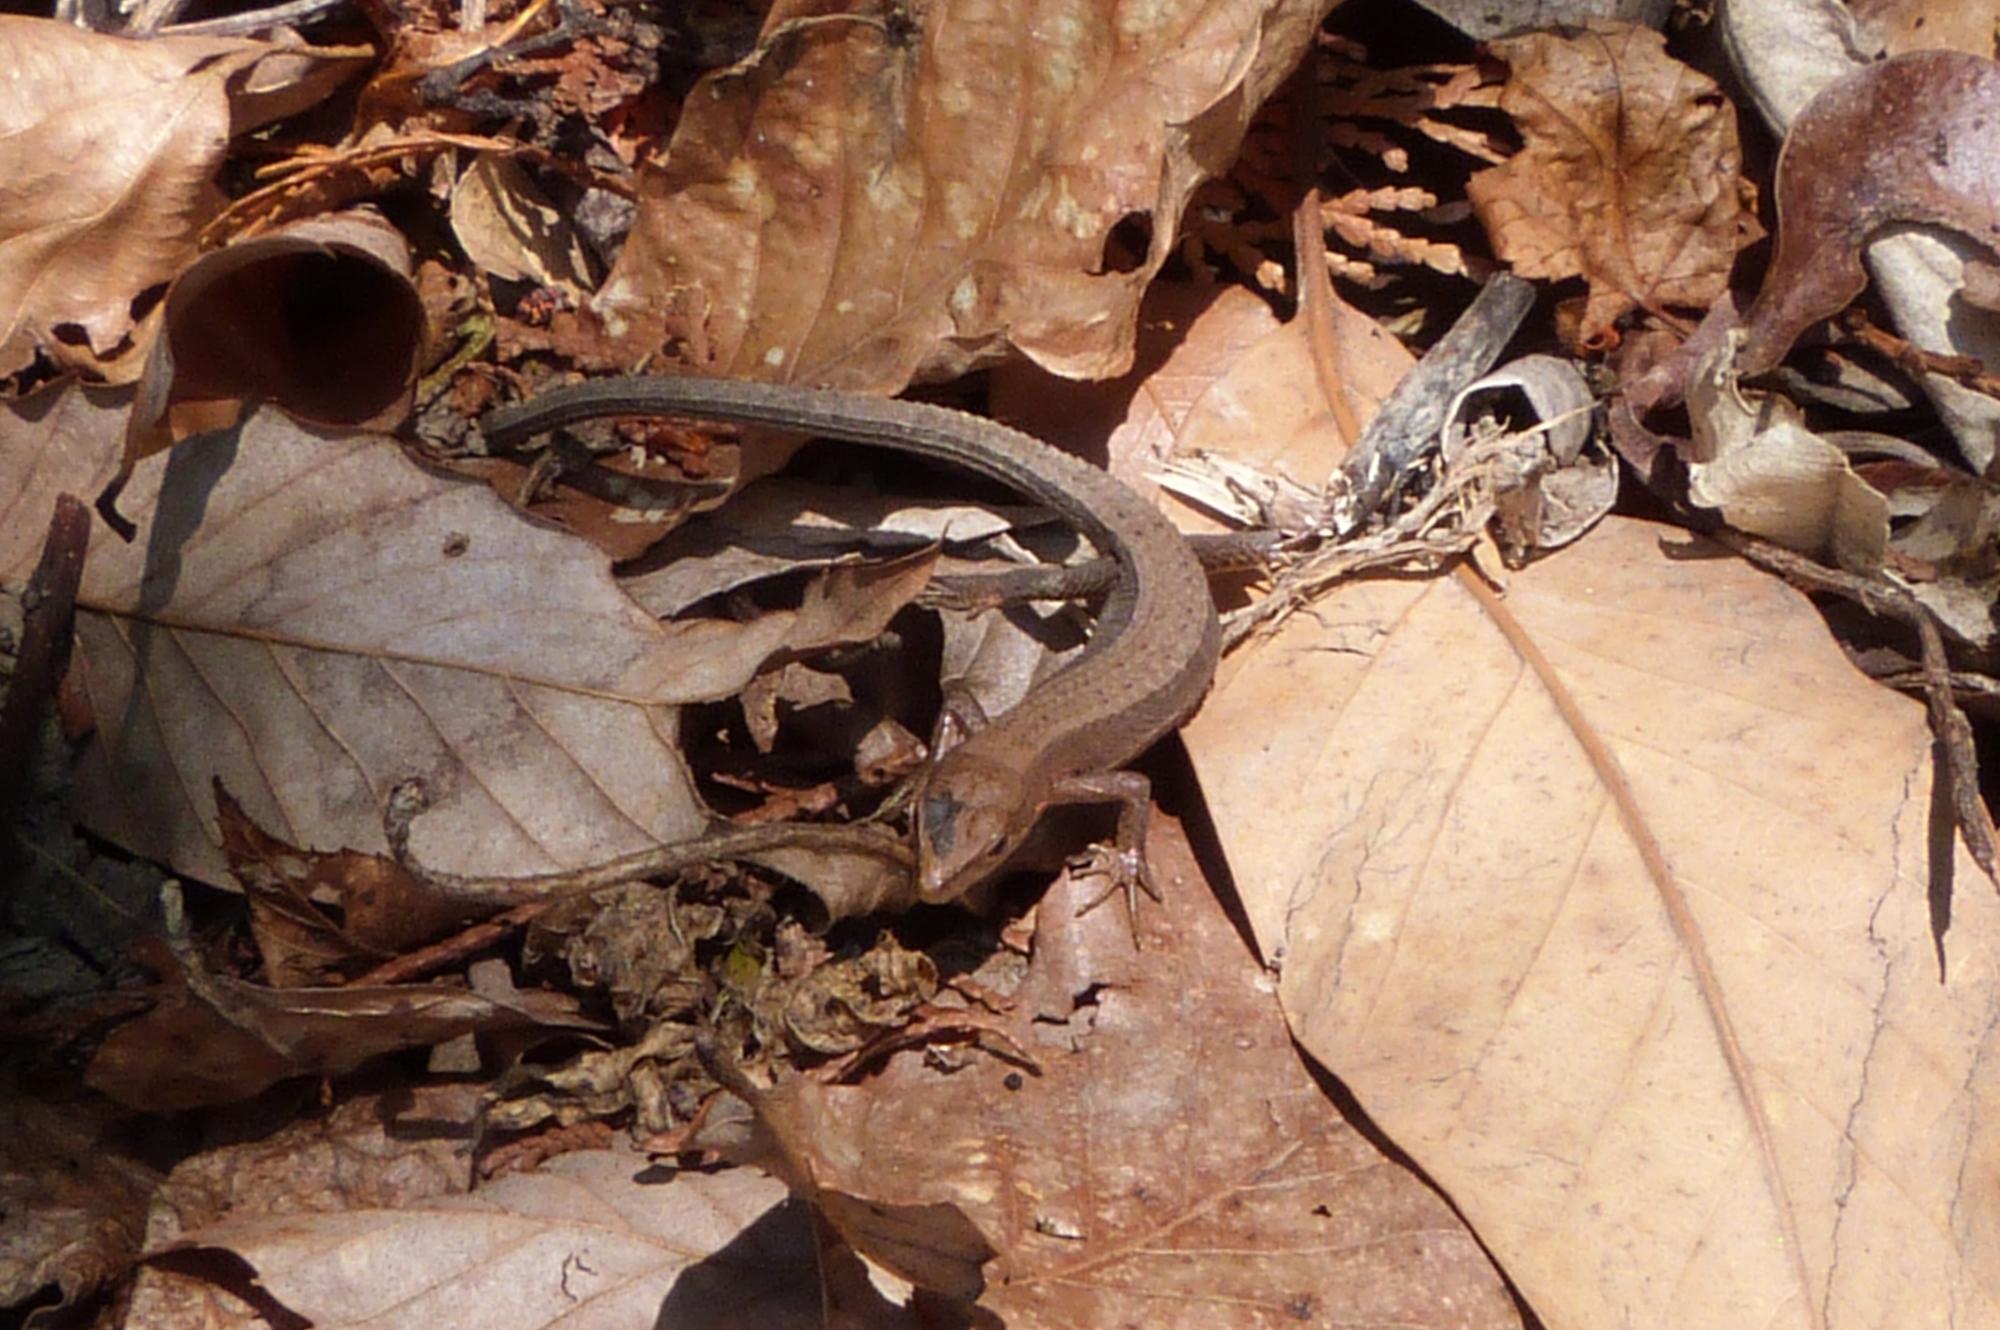 カナヘビ(ニホンカナヘビ)3